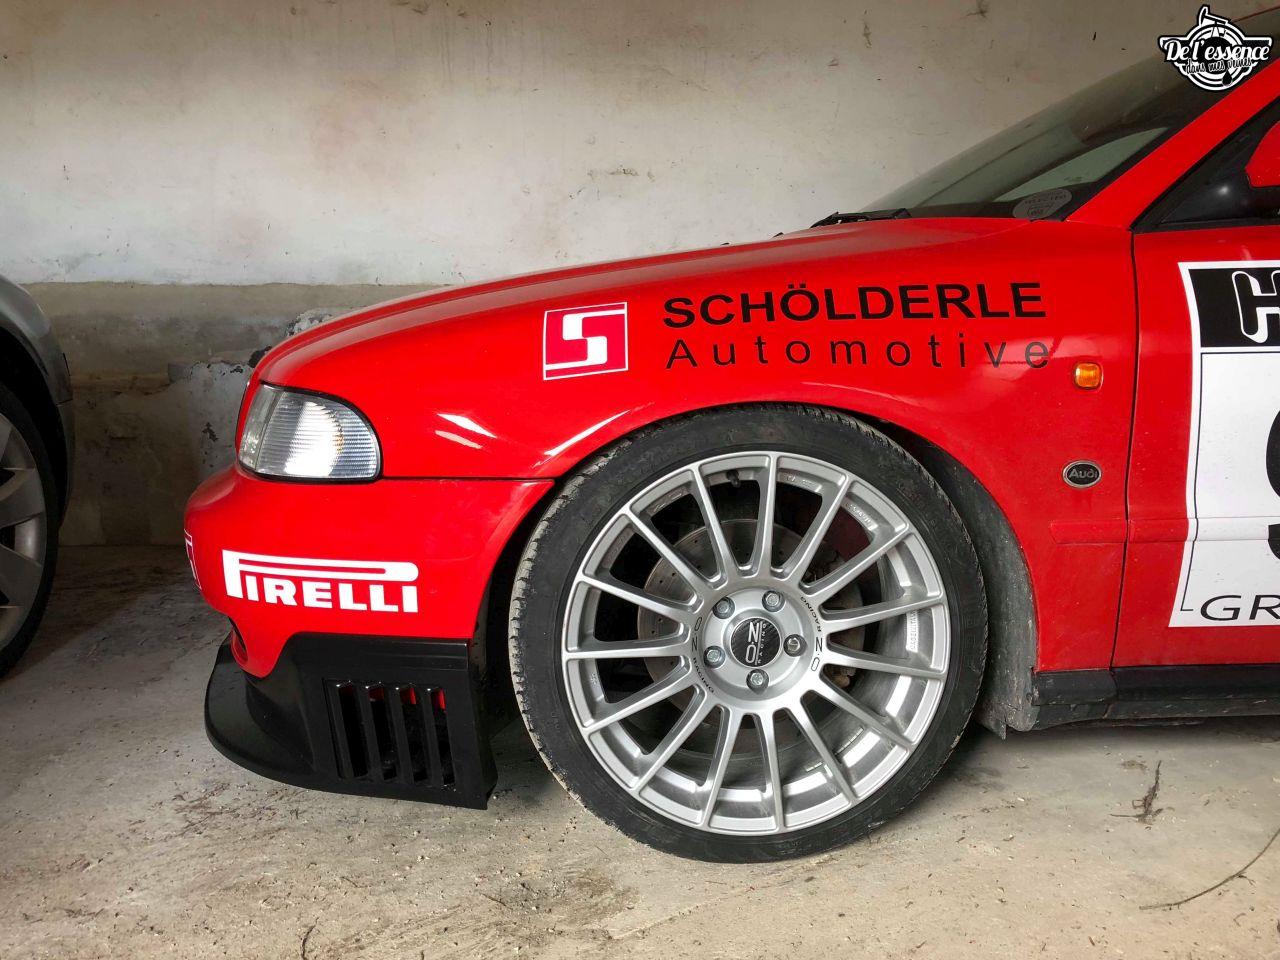 L'Audi A4 B5 2.8 Quattro de Thibault - Sur la piste ! 23